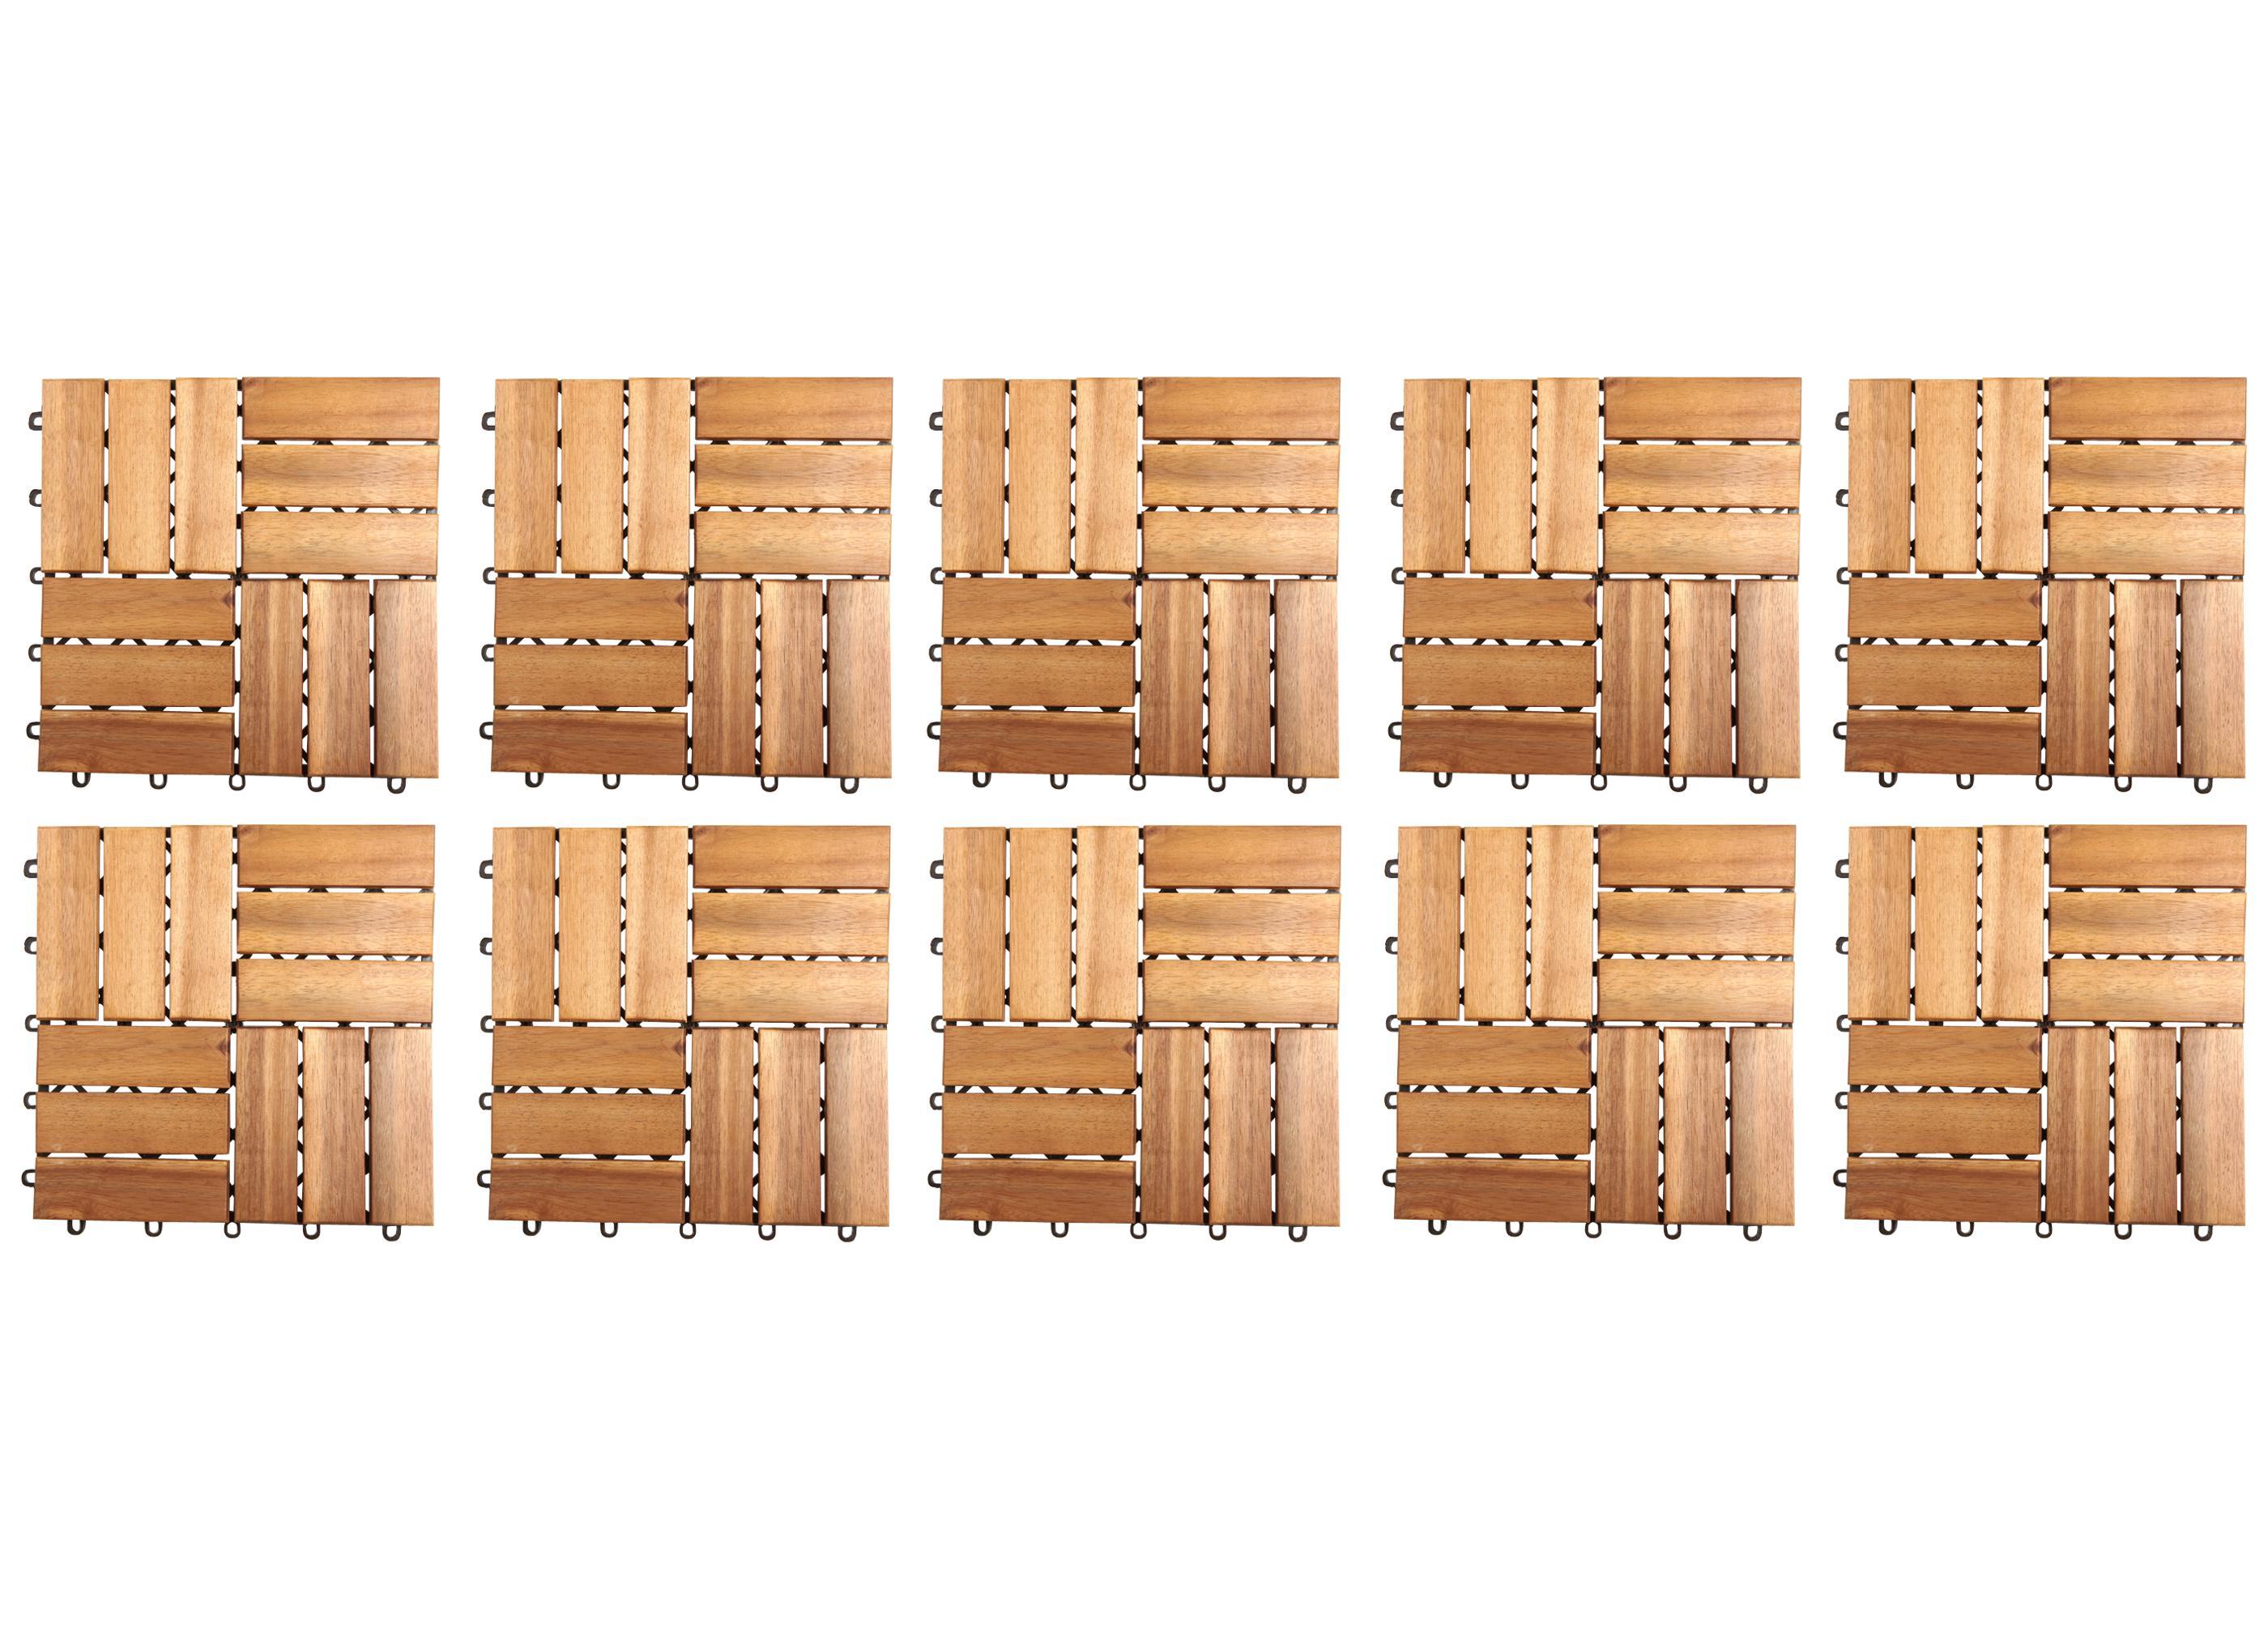 10er set holzfliesen akazie m bel. Black Bedroom Furniture Sets. Home Design Ideas